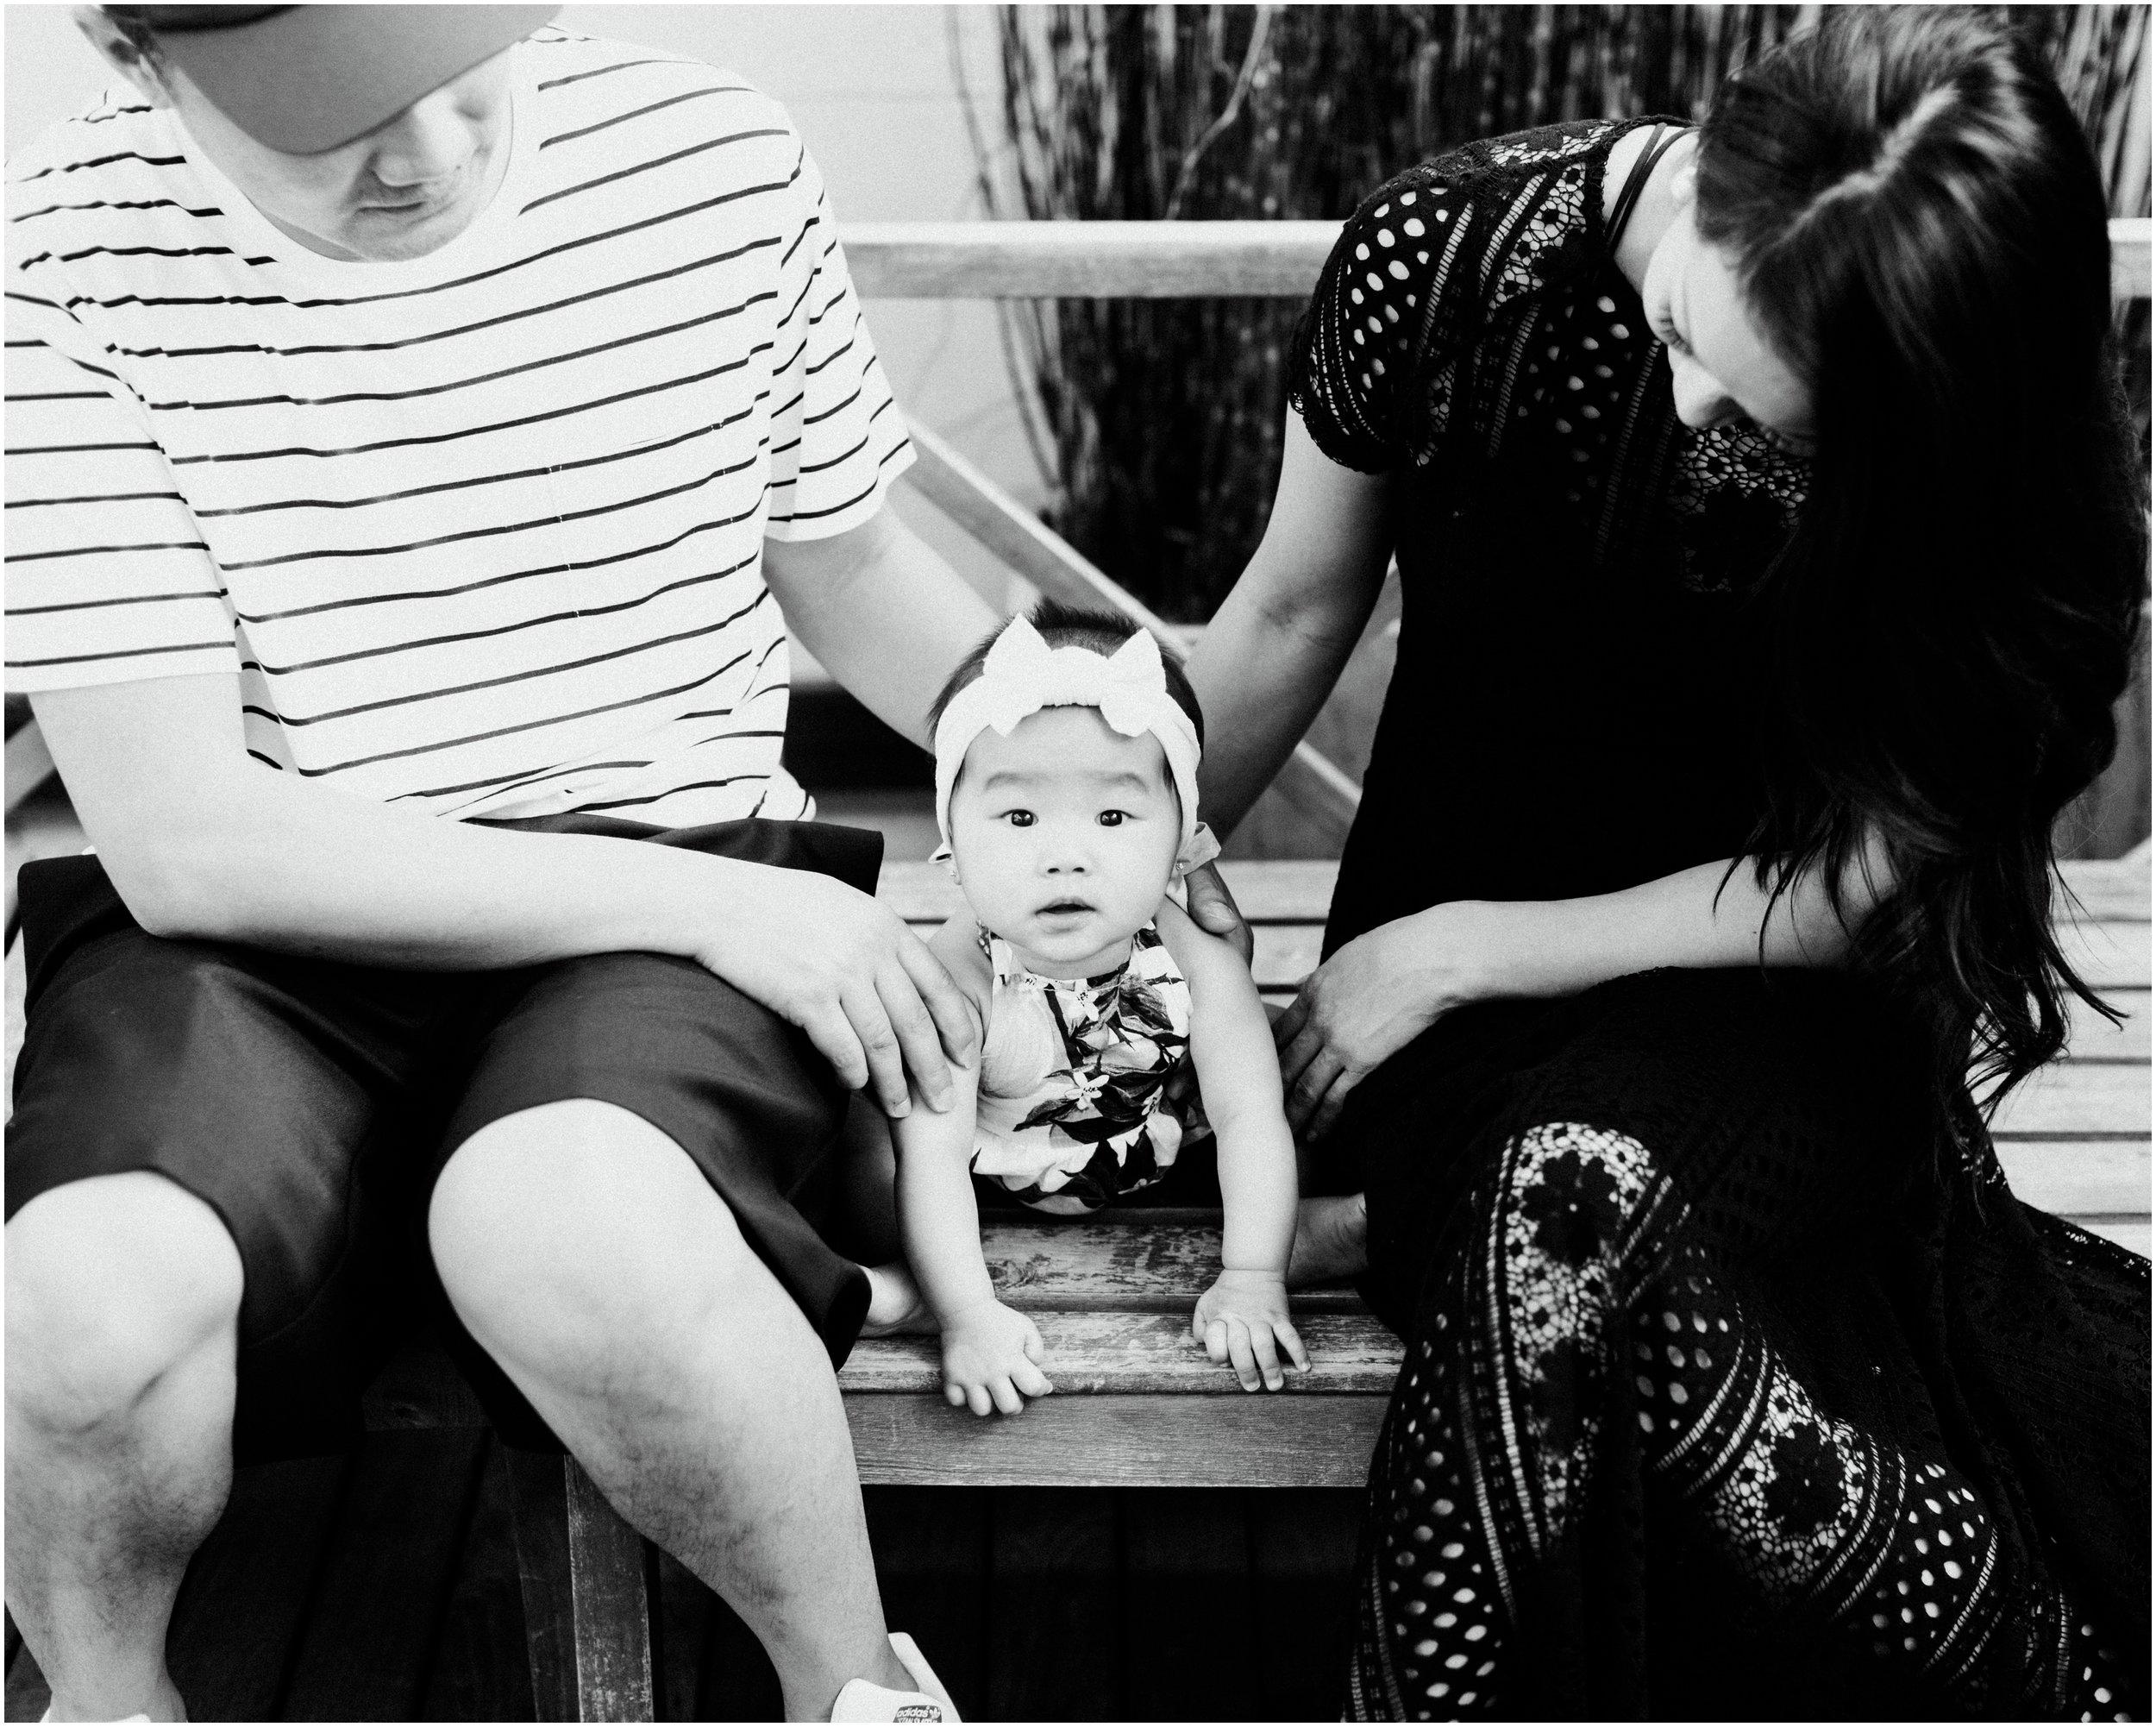 Nori-Catahoula-Hotel-2017-6-Months-Family-7425_quaint-and-whim-lifestyle-newborn-photographer-louisiana.jpg